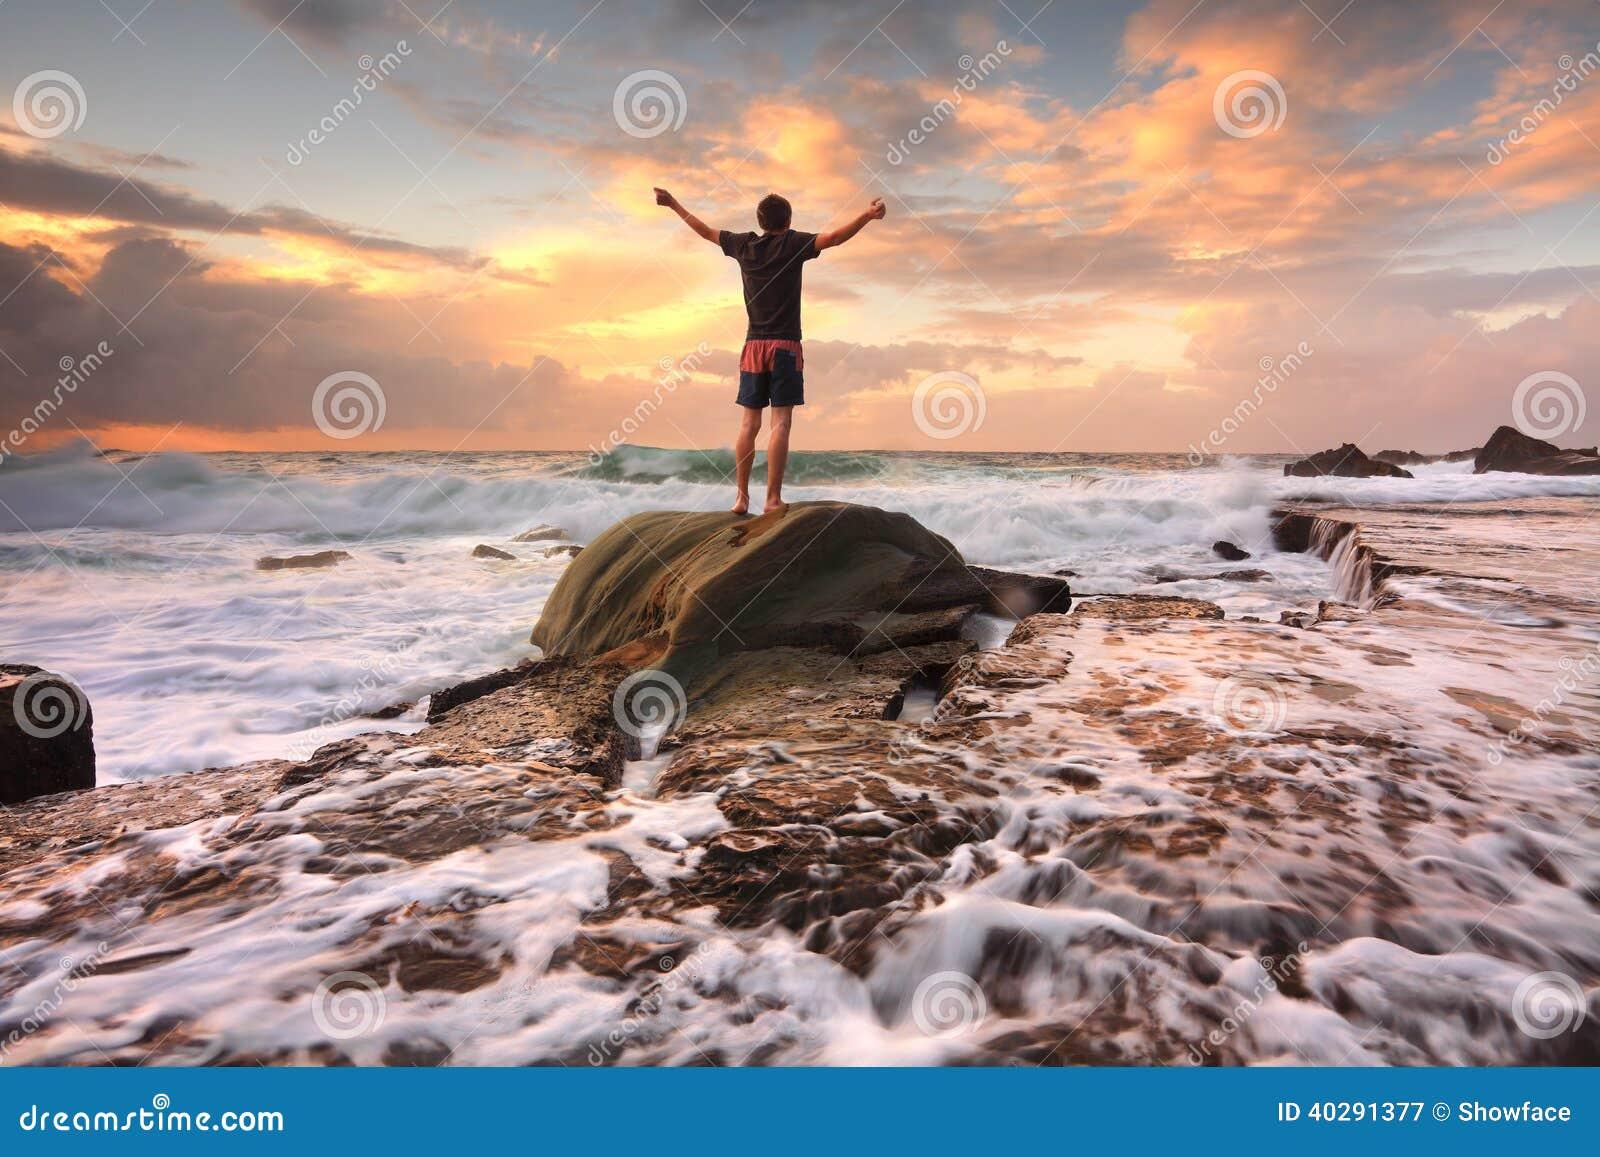 热心生活,称赞上帝,爱自然,日出动荡海武装